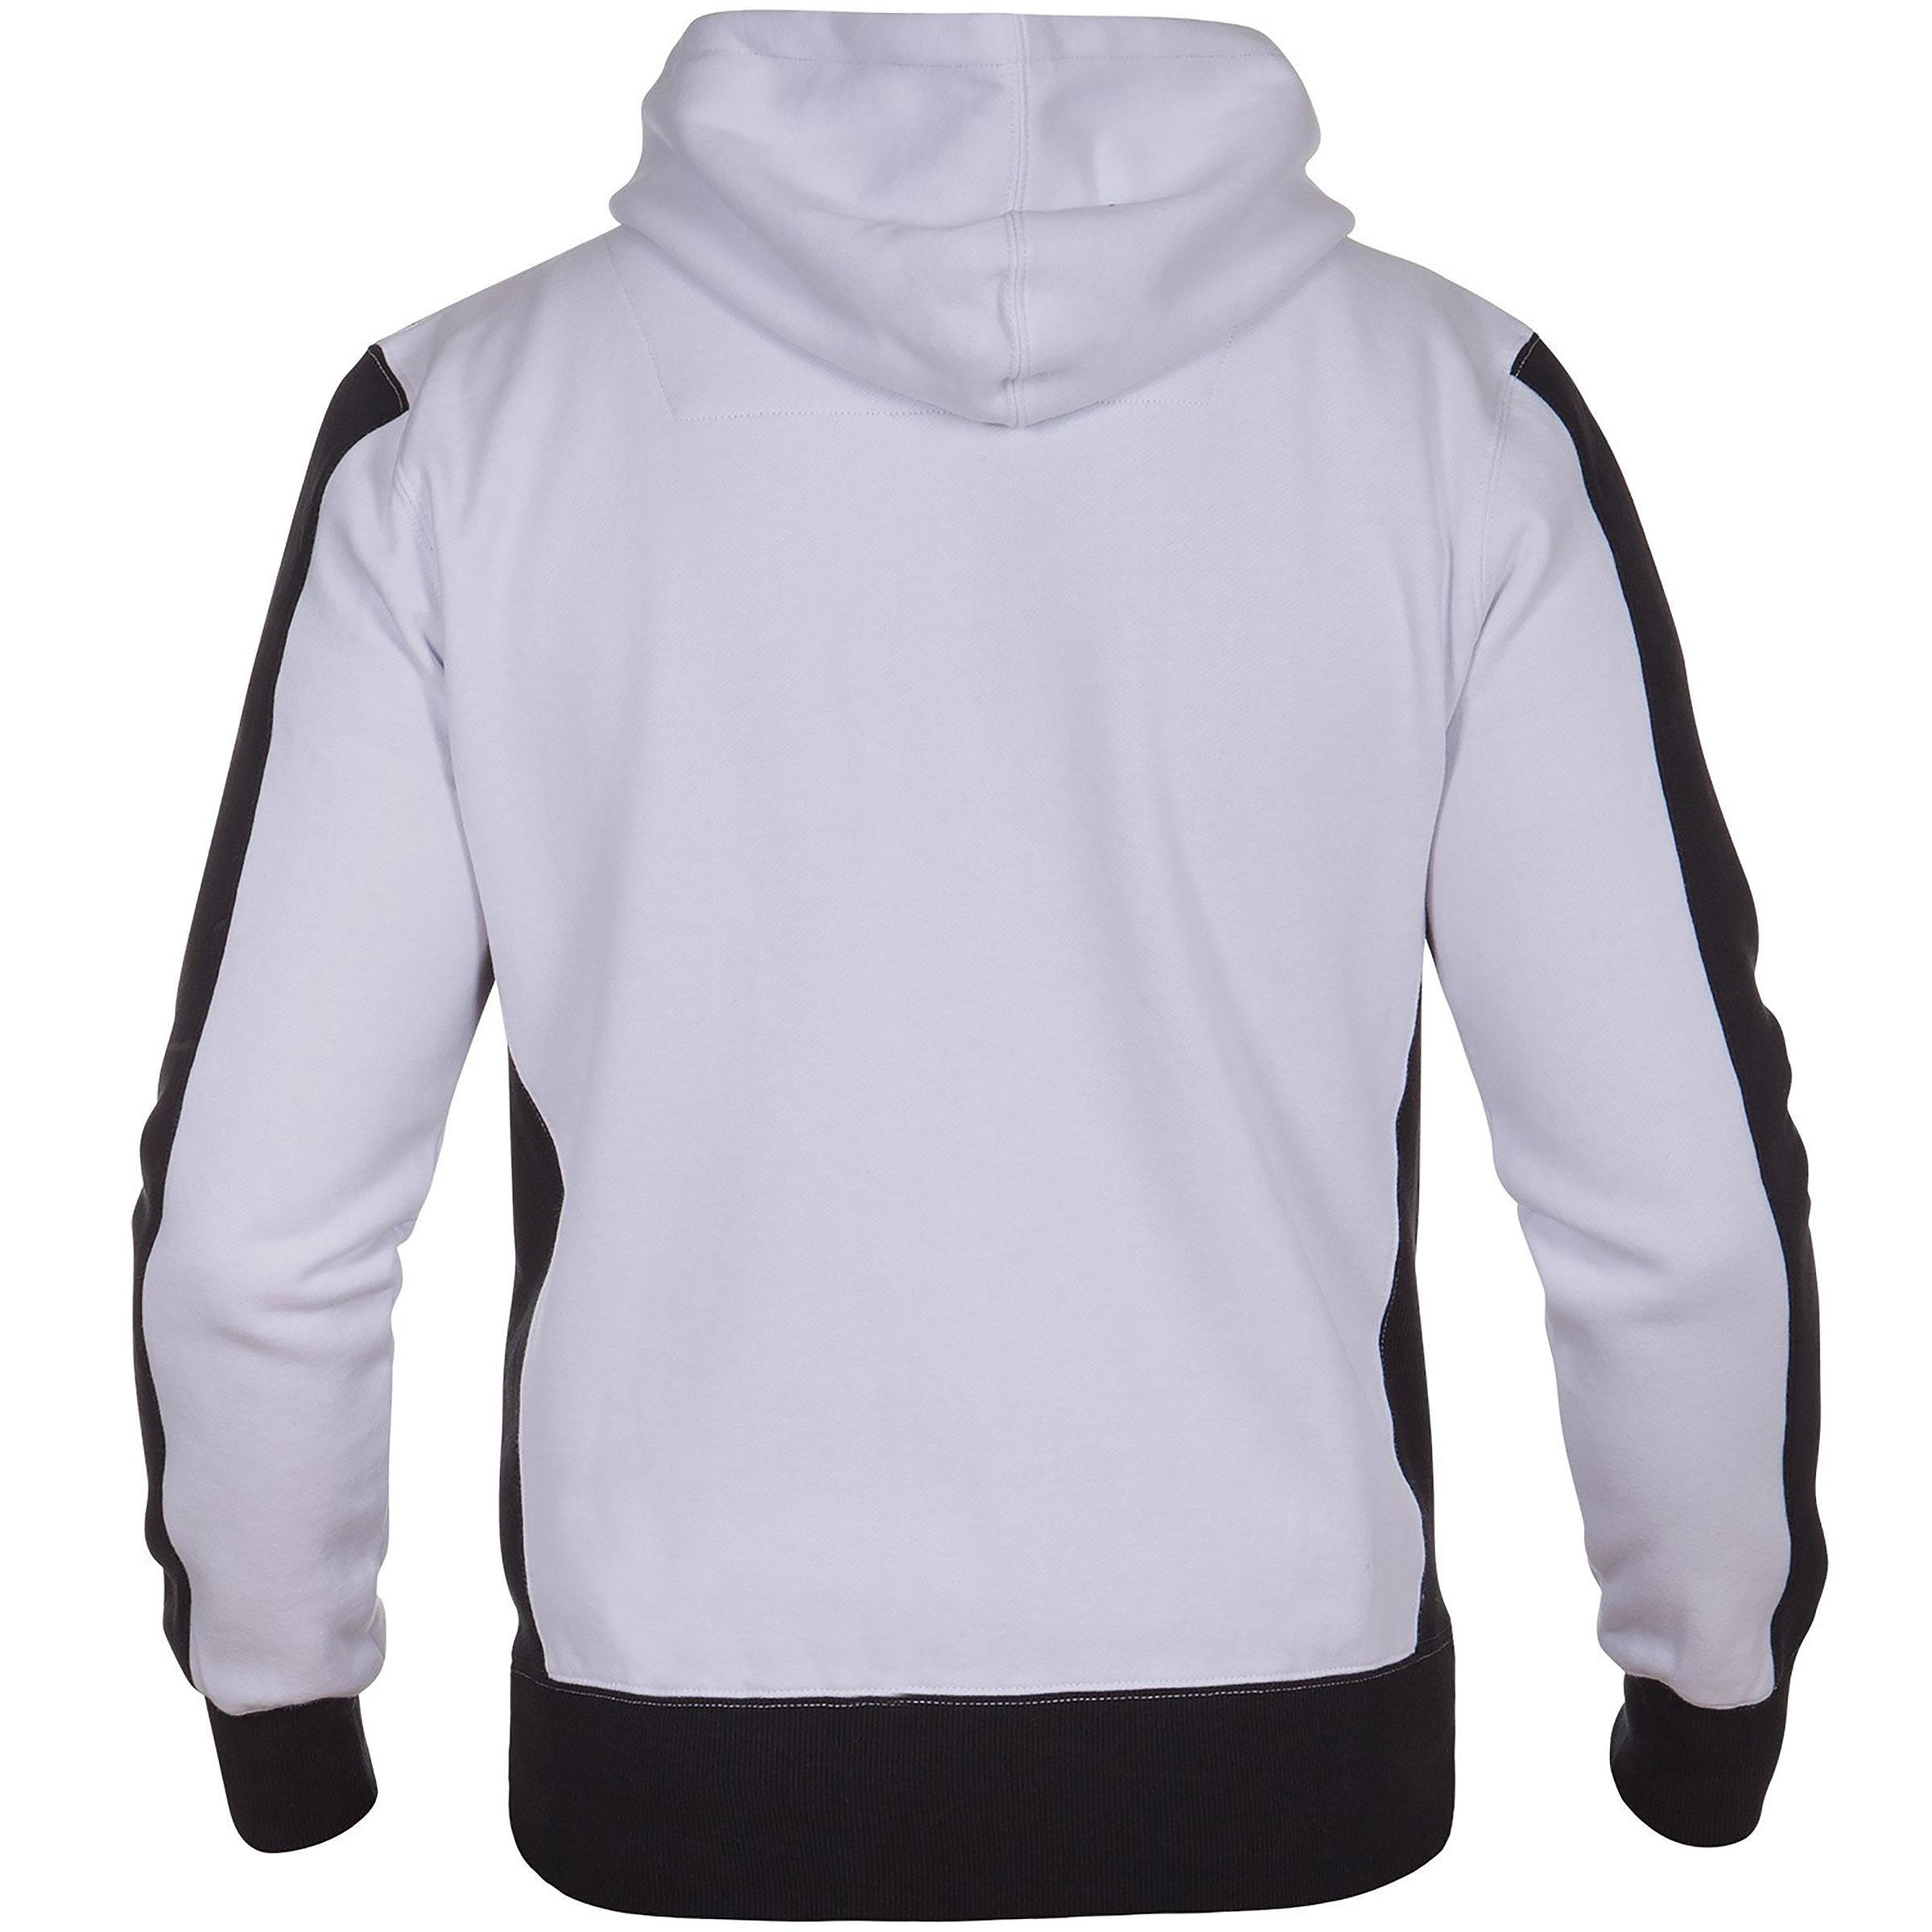 Venum hoodies